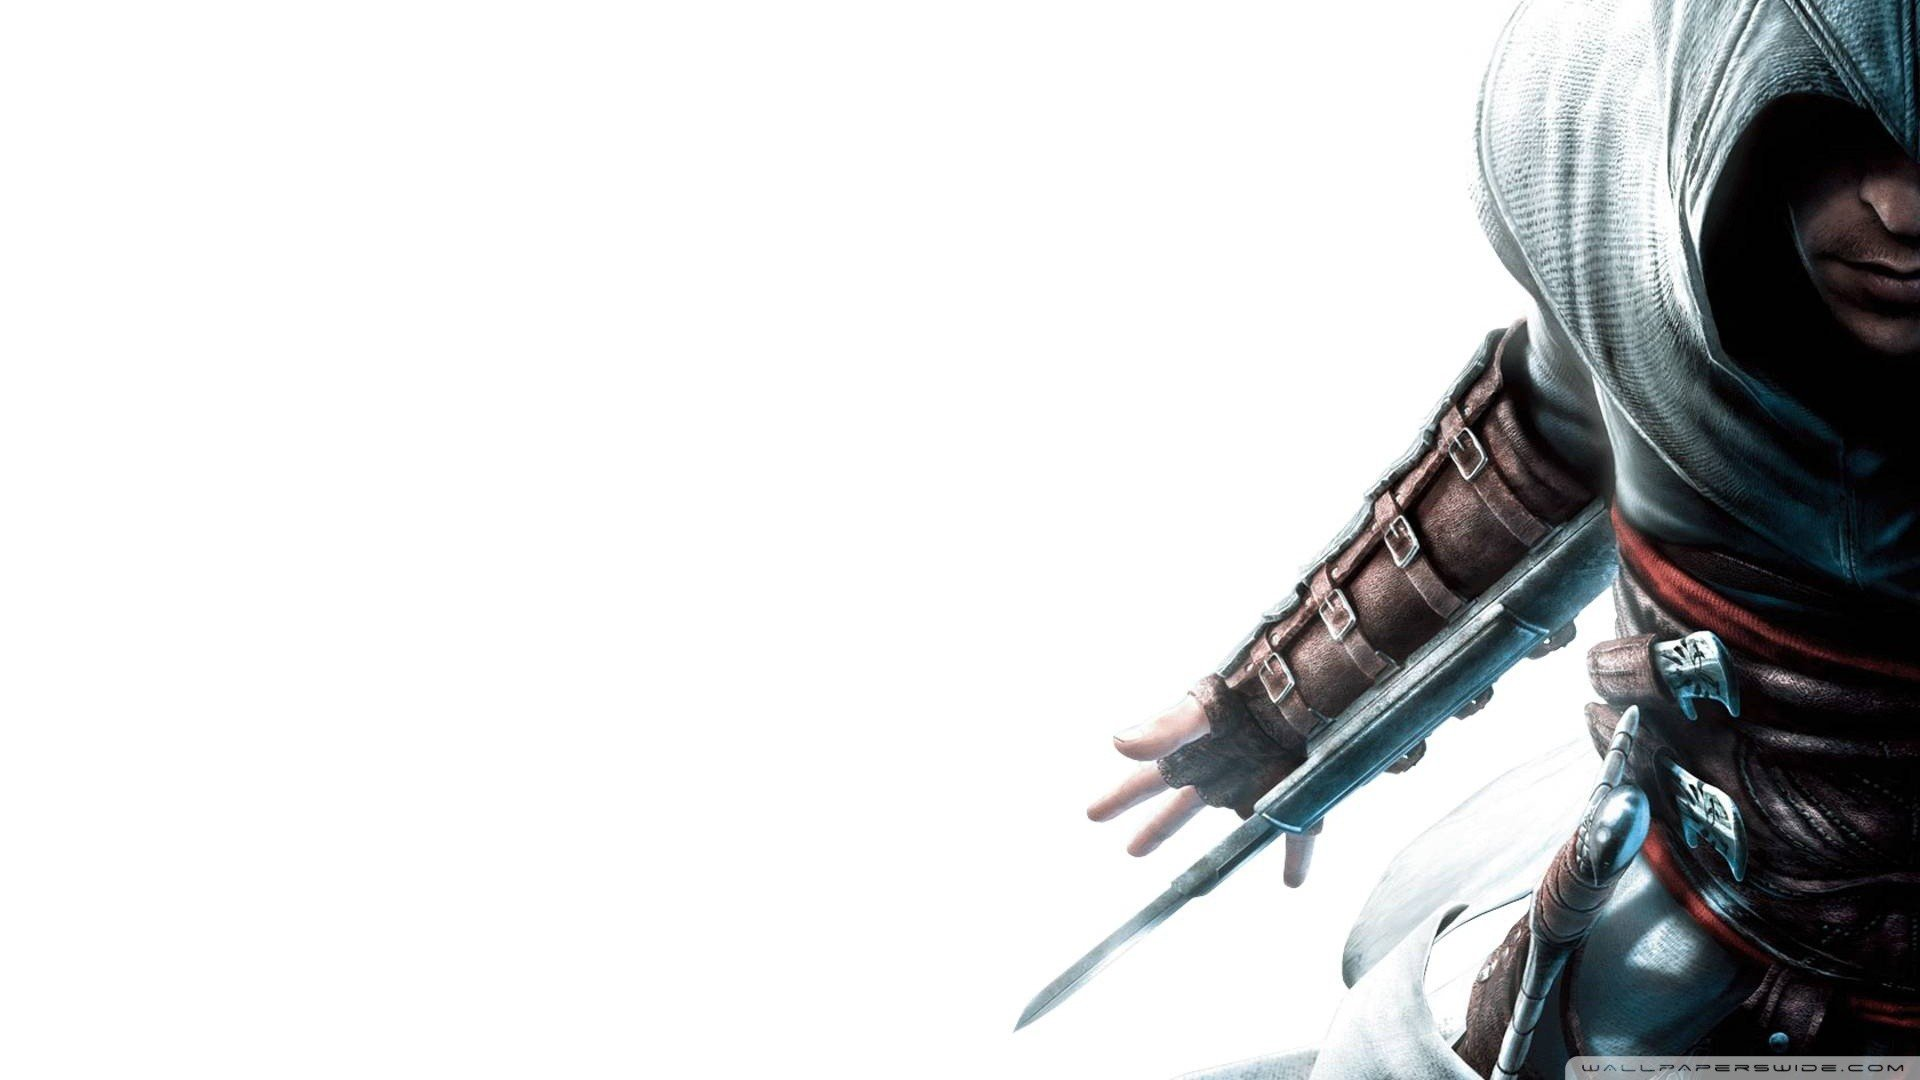 Assassins Creed Wallpaper 1920x1080 Assassins Creed Altair 1920x1080